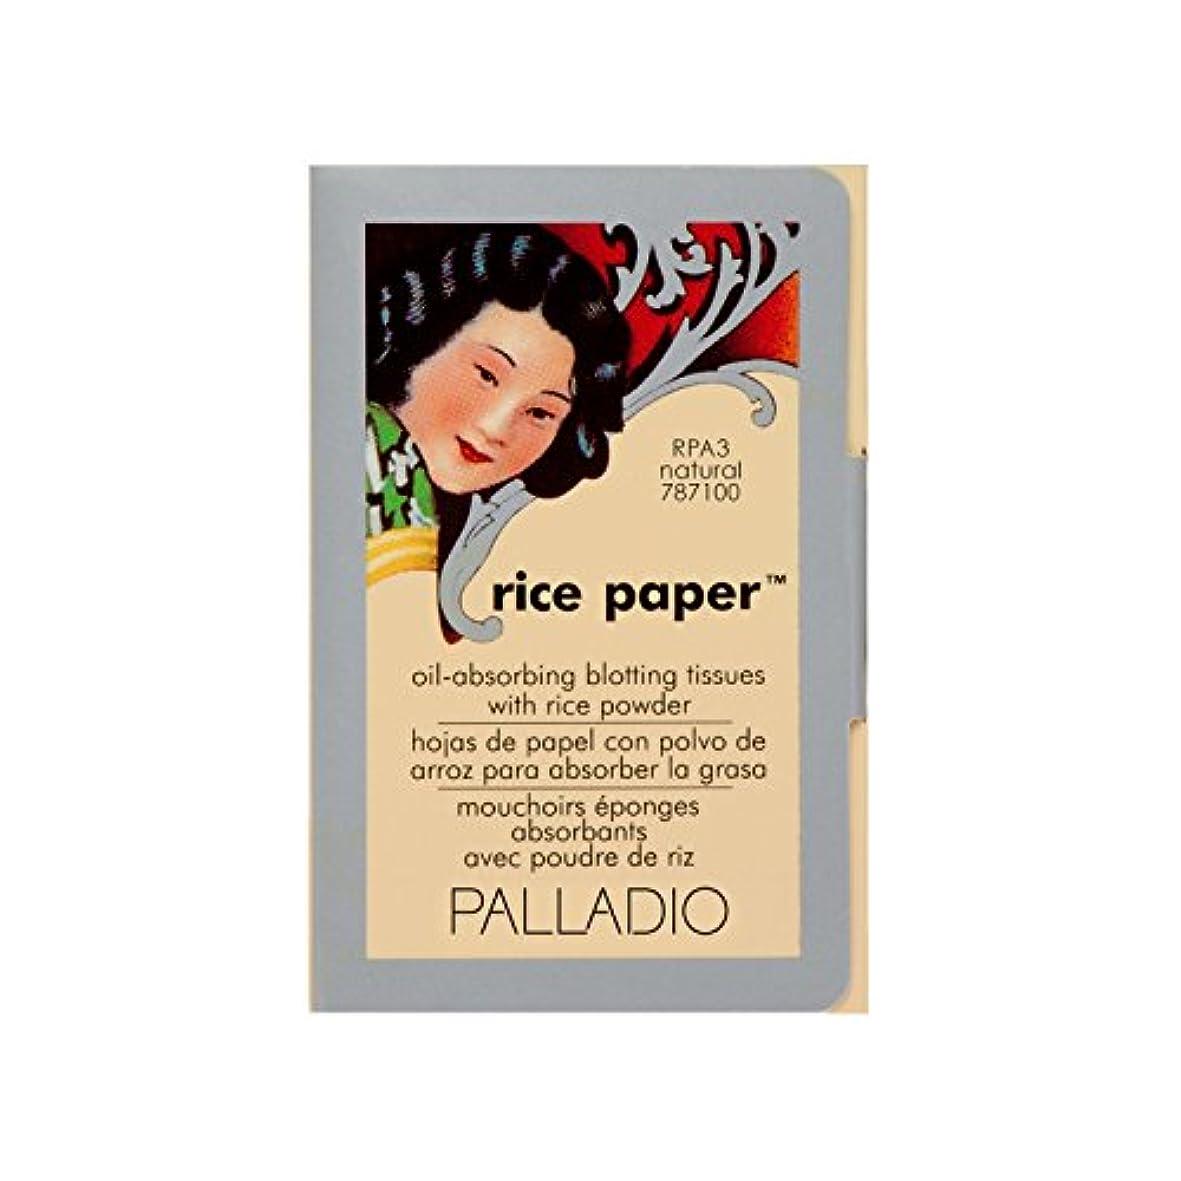 パワー動中でPalladio ライスペーパーティッシュ、米粉と顔あぶらとりシートは、オイルを吸収し、肌が新鮮で財布や旅行のための滑らかな、コンパクトなサイズを探し滞在を支援します ナチュラル